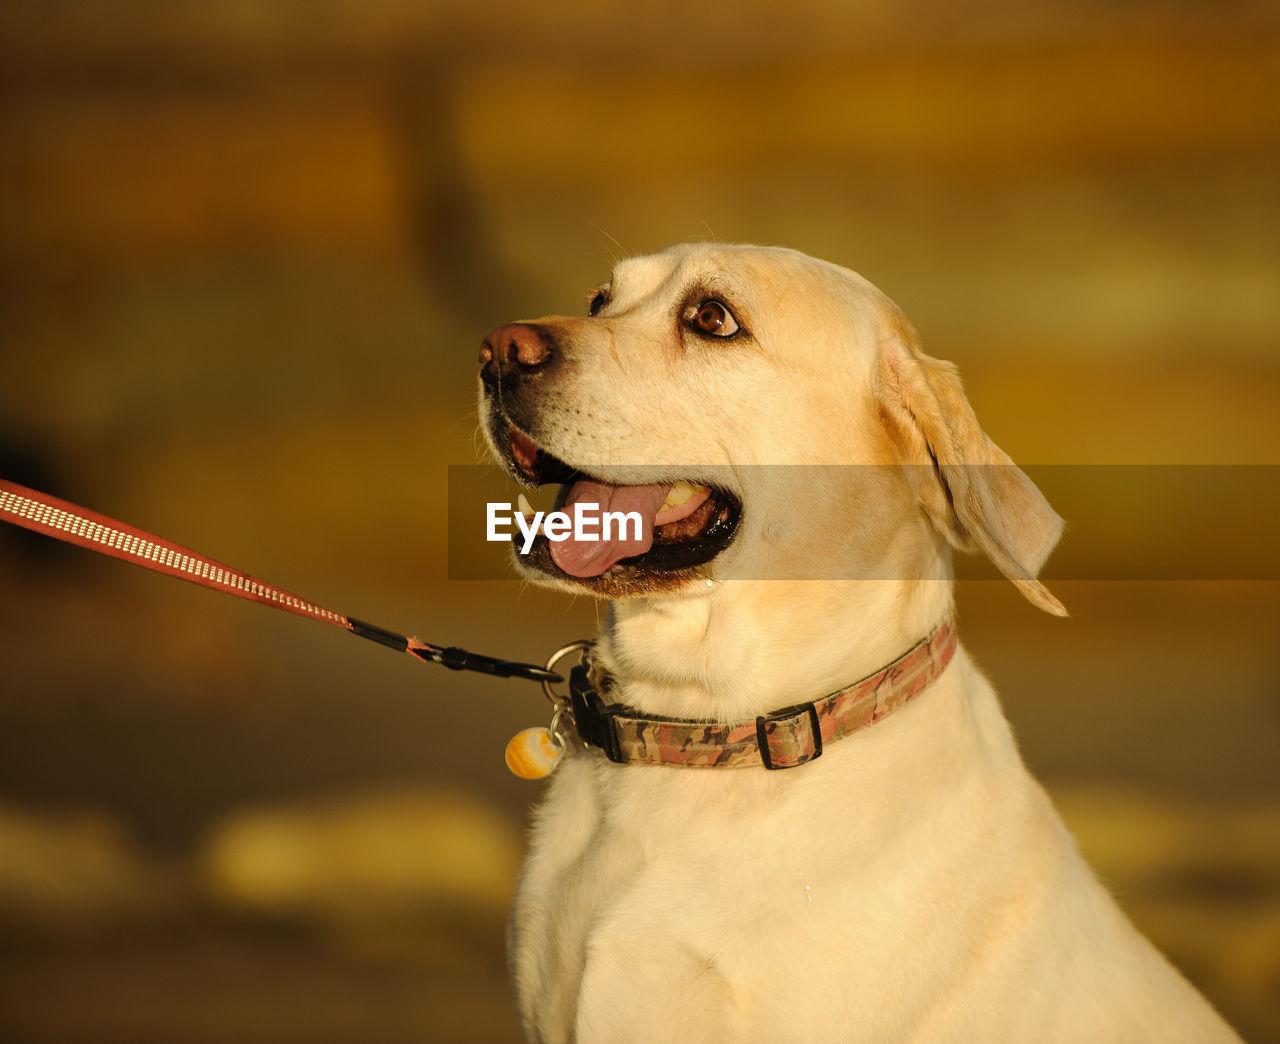 Yellow labrador retriever looking away